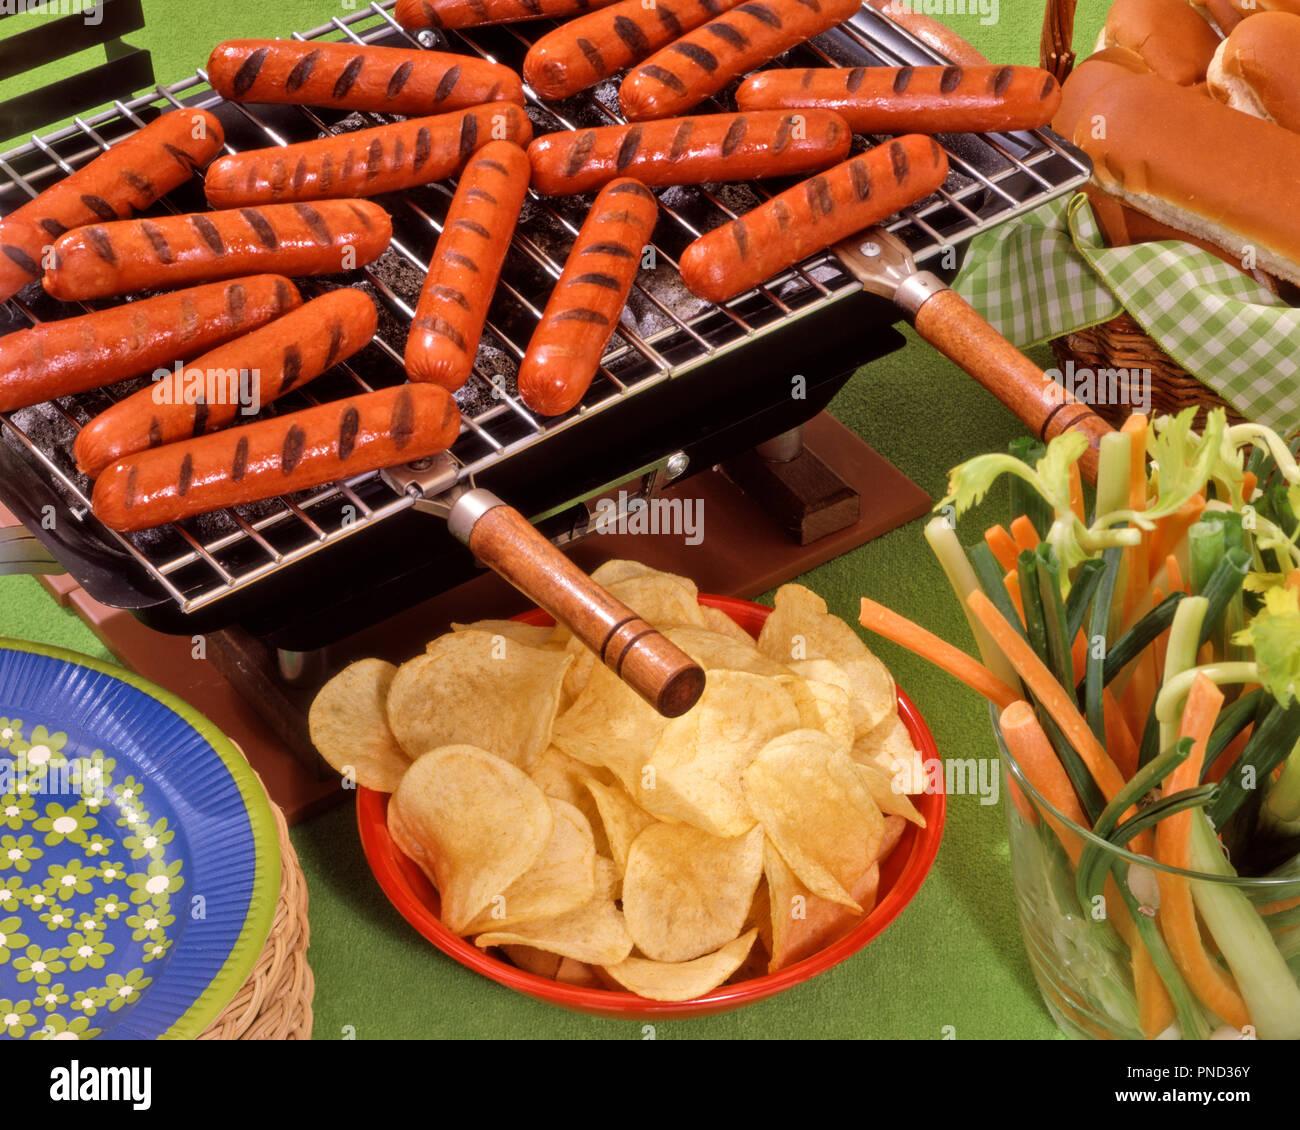 1970 1980 hot-dogs grillés sur charbon de bois GRILL HIBACHI BRIOCHES AVEC CROUSTILLES DE POMMES DE TERRE EN RONDELLES DE CÉLERI ET DE BÂTONNETS DE CAROTTES - KF24067 TRAF001 HARS, croustilles de pommes de terre Photo Stock